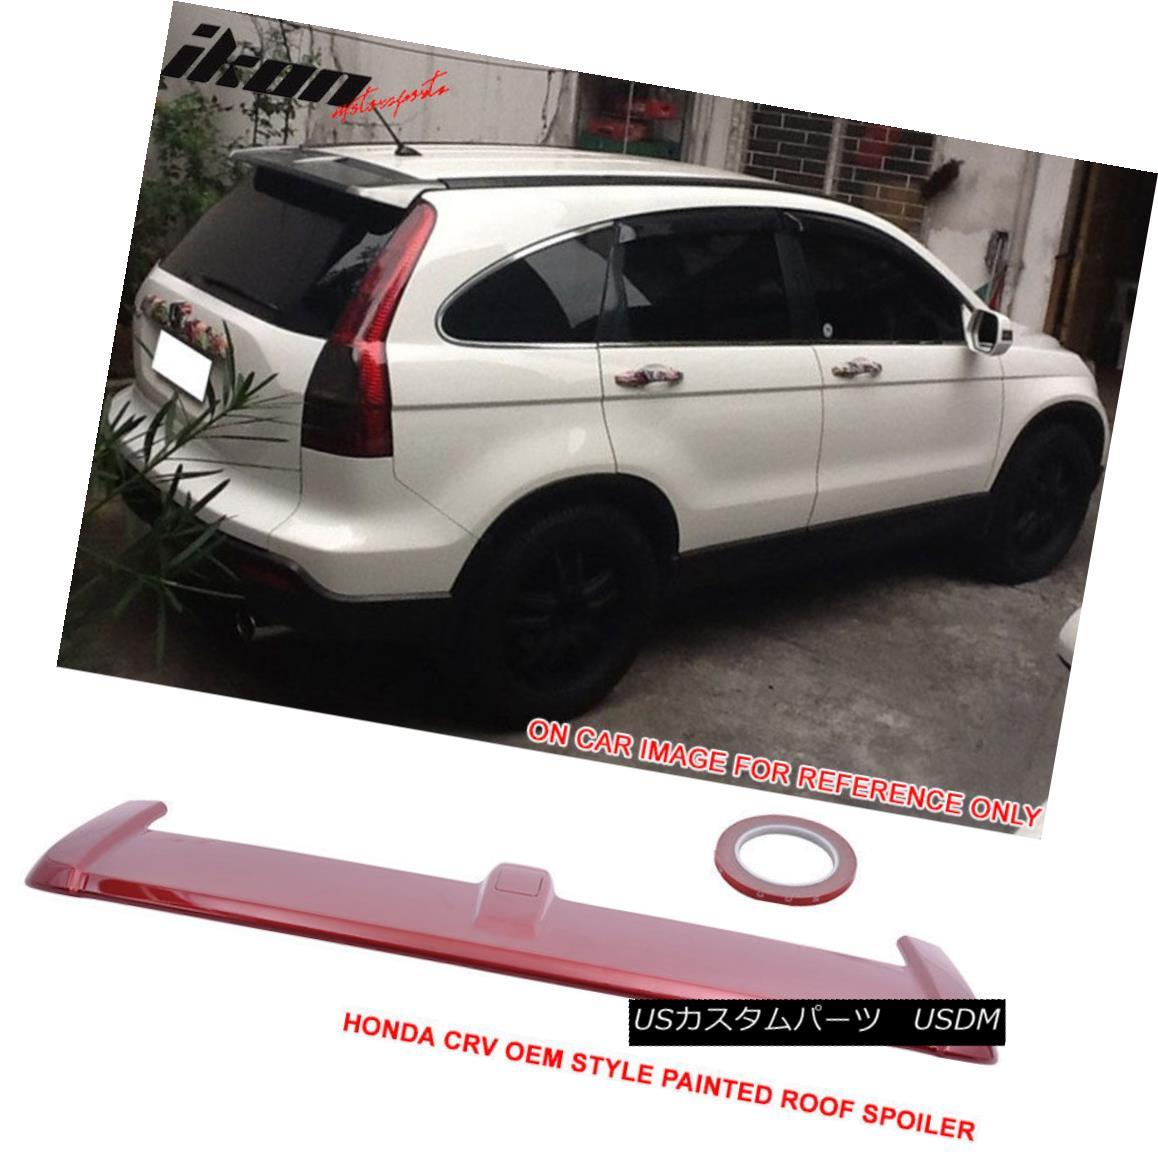 人気新品入荷 エアロパーツ Fit 07-11 Honda CRV OE Style Painted Tango Red Pearl Trunk Spoiler - ABS(#R525P) フィット07-11ホンダCRV OEスタイル塗装タンゴレッドパールトランクスポイラー - ABS(#R525P), ペルシャ絨毯ギャッベJAHAN a93681fd